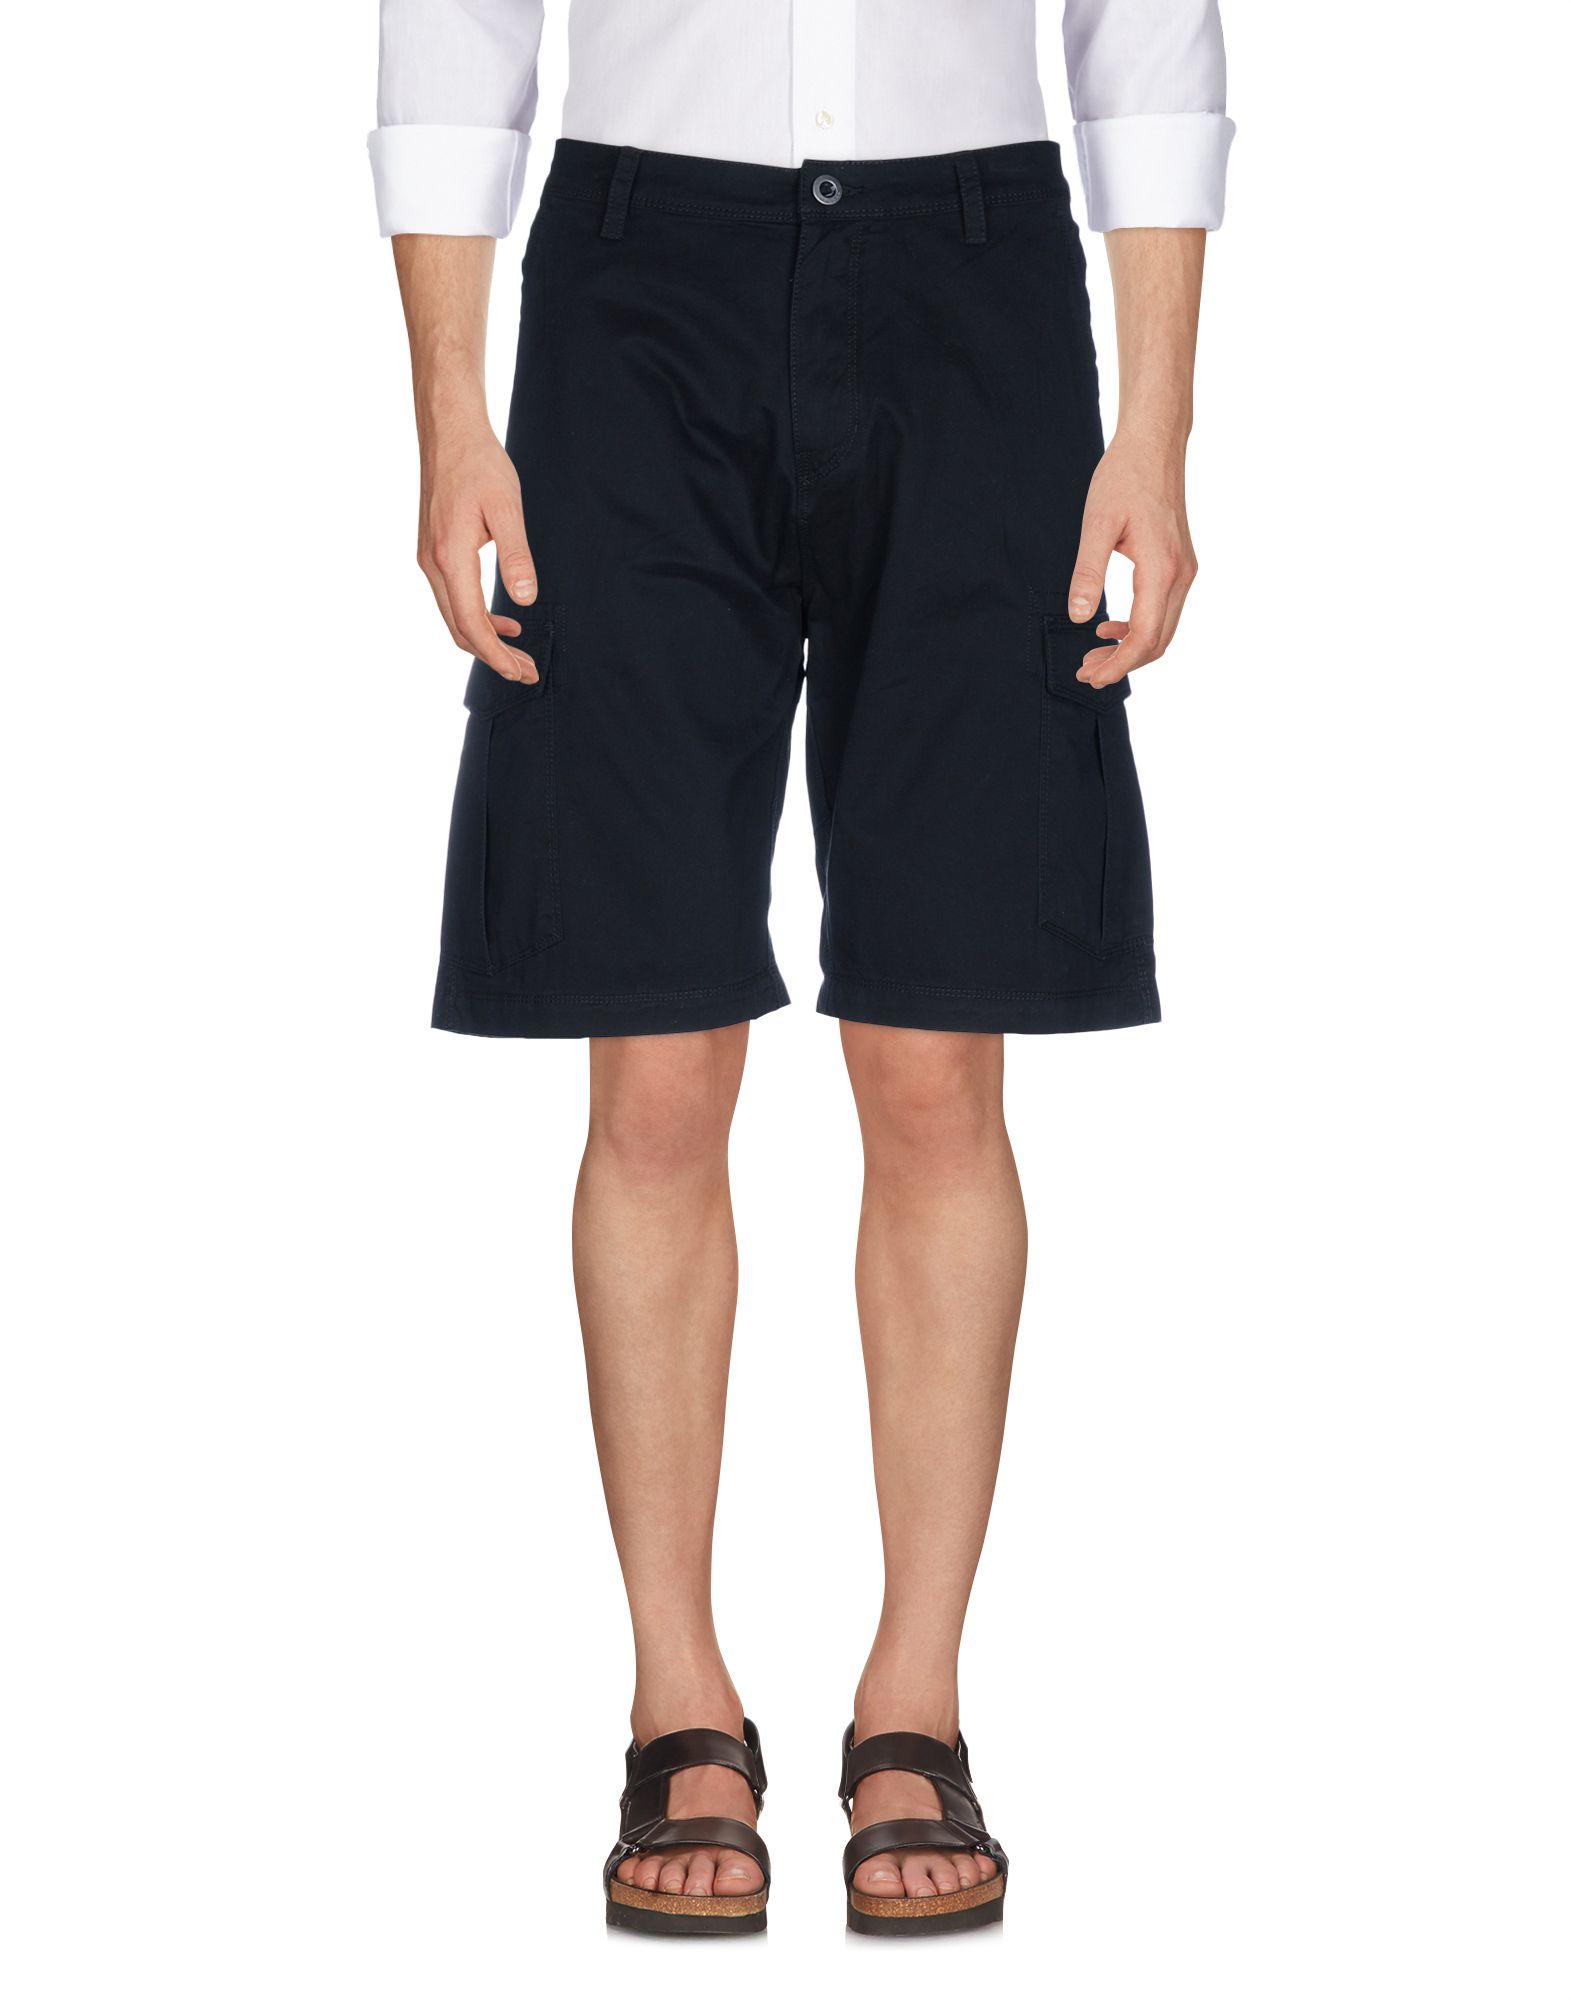 Shorts & & Shorts Bermuda Volcom Uomo - 13097522SP 1c0635